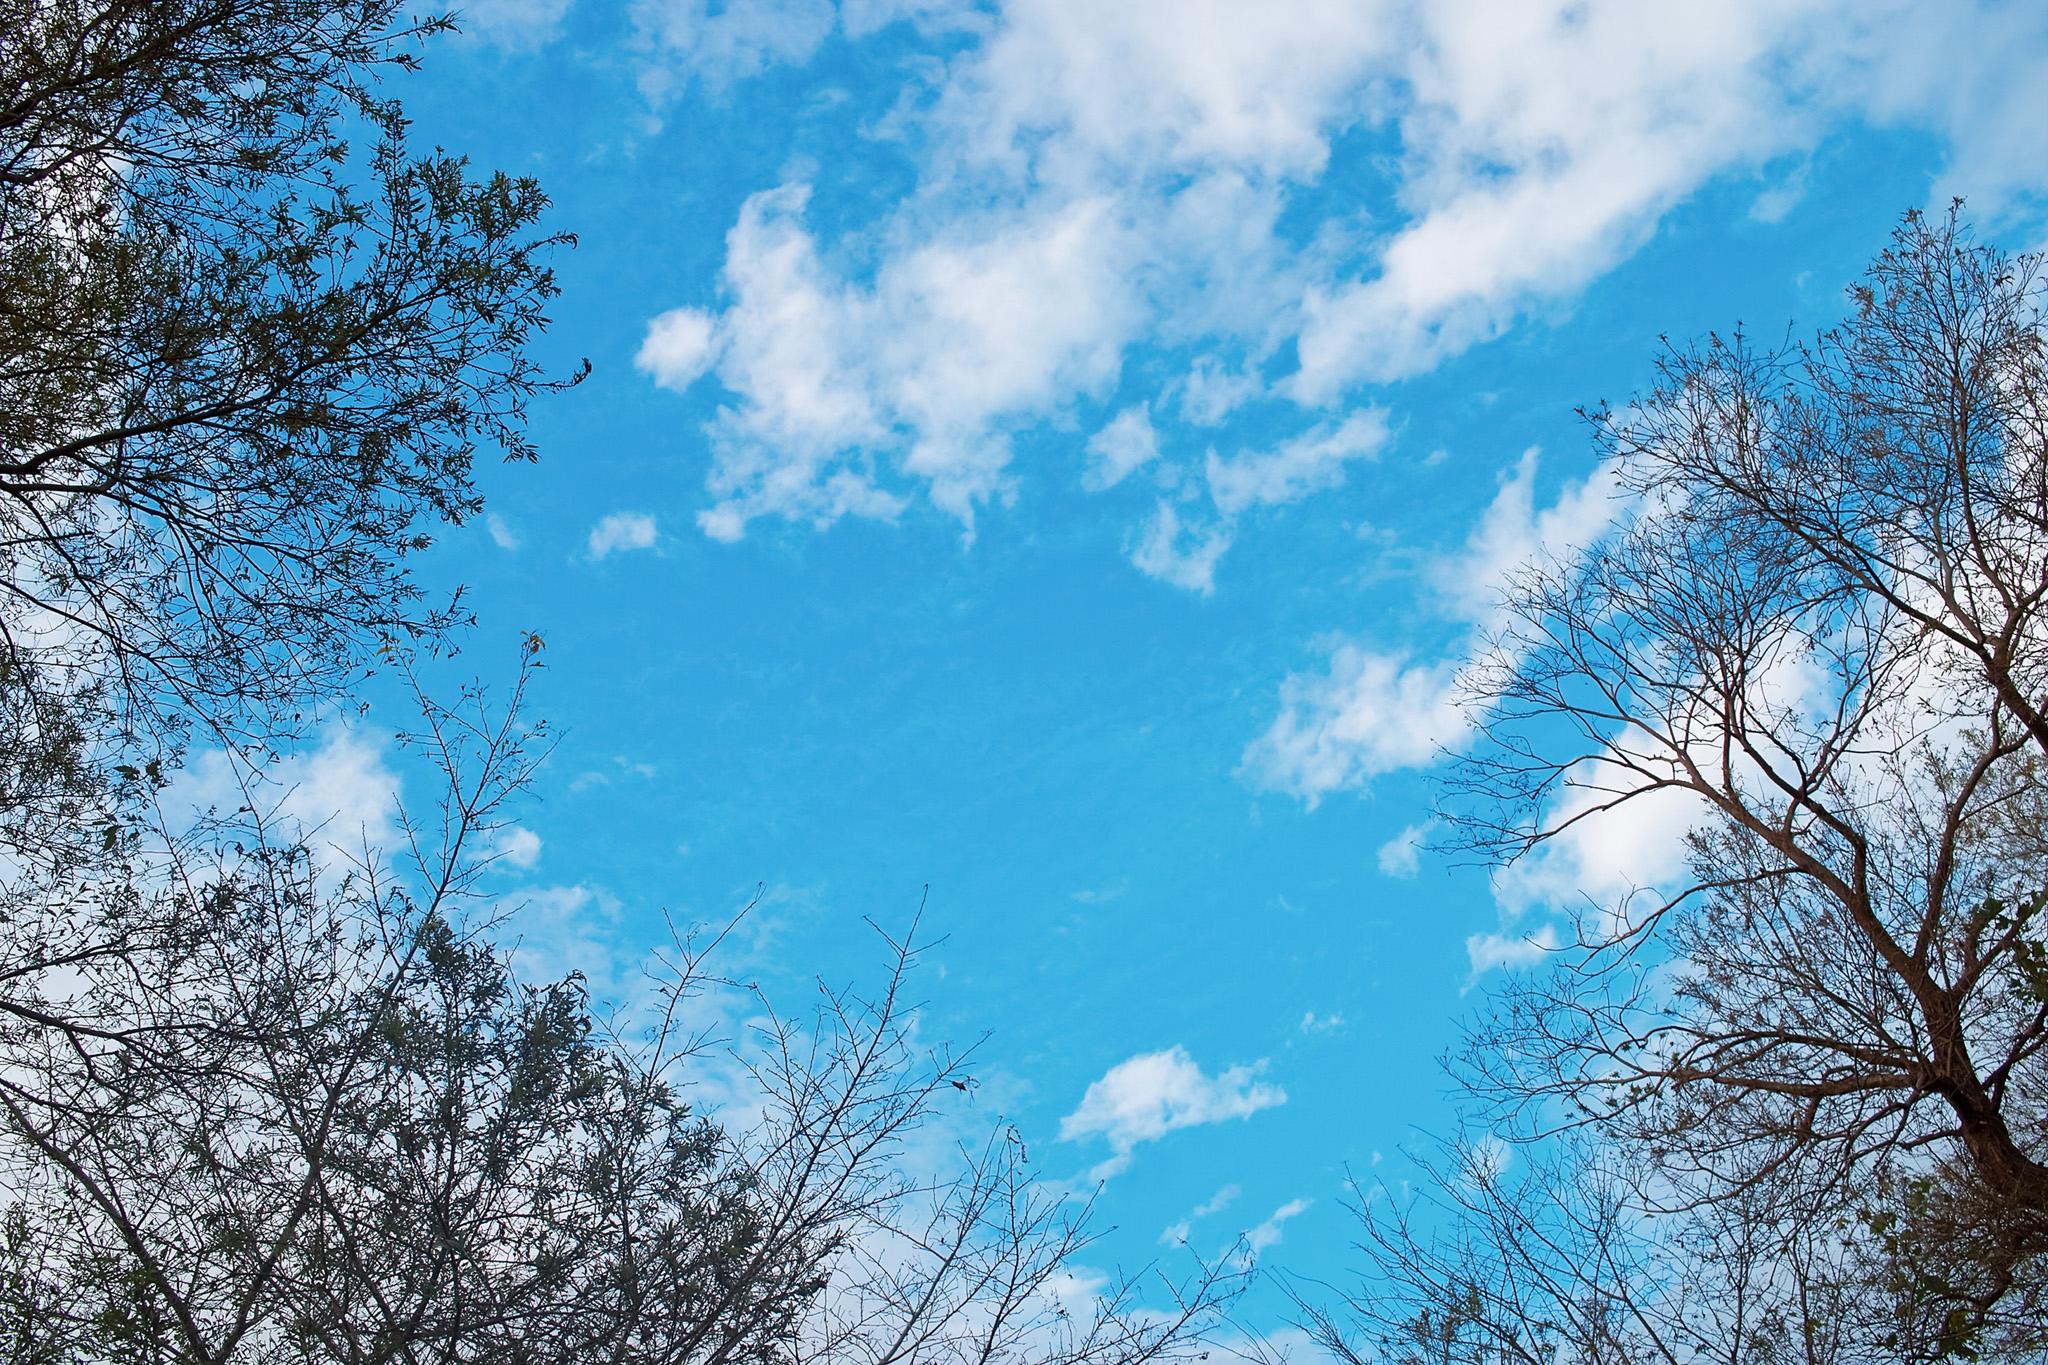 木の葉が散った冬の訪れ